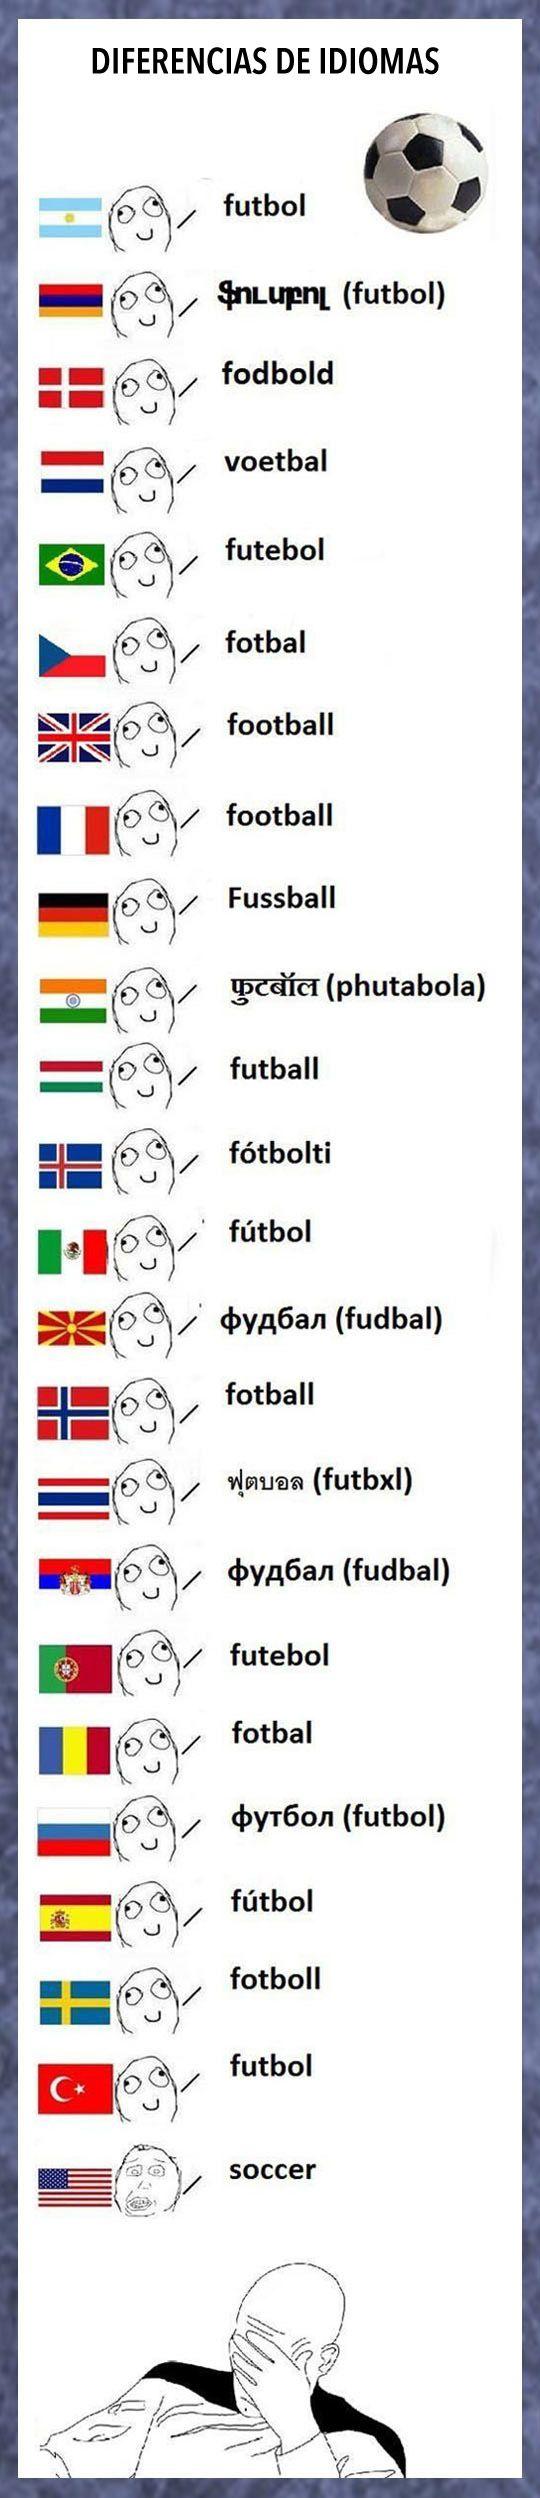 Fútbol en diferentes idiomas.